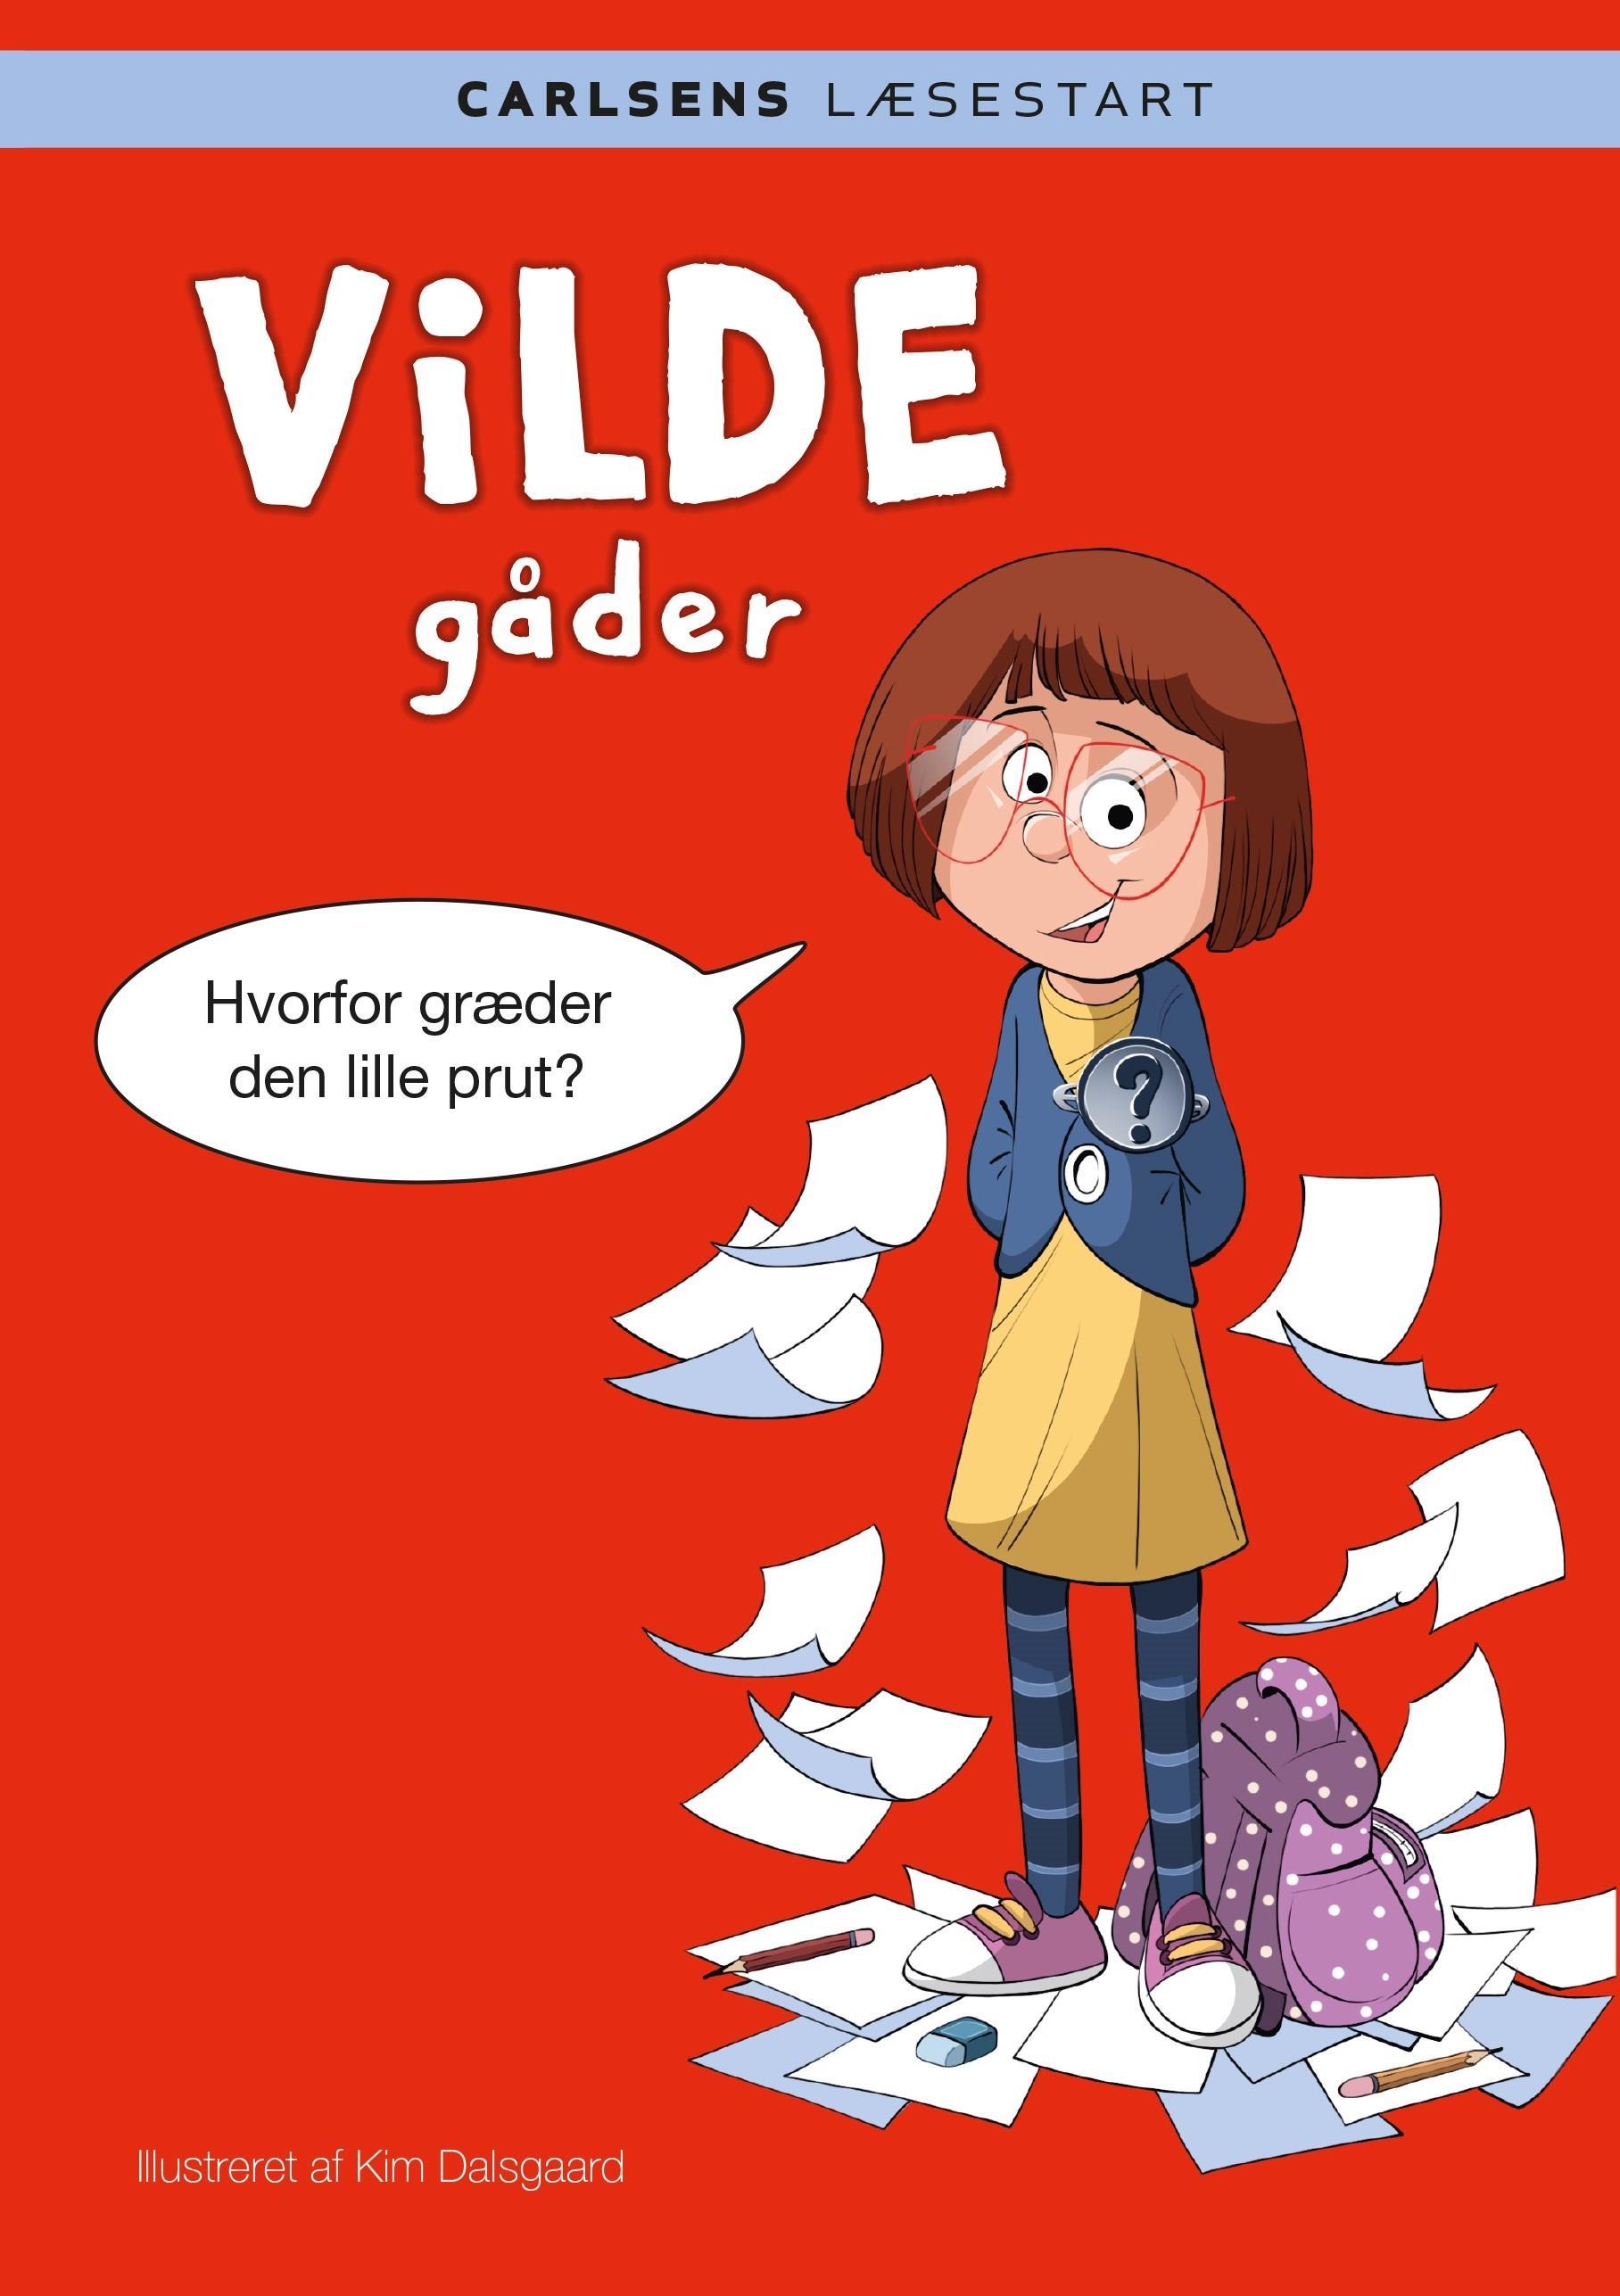 Carlsens Læsestart: Carlsens Læsestart: Vilde gåder - Kim Dalsgaard - Bøger - CARLSEN - 9788711916629 - January 15, 2020